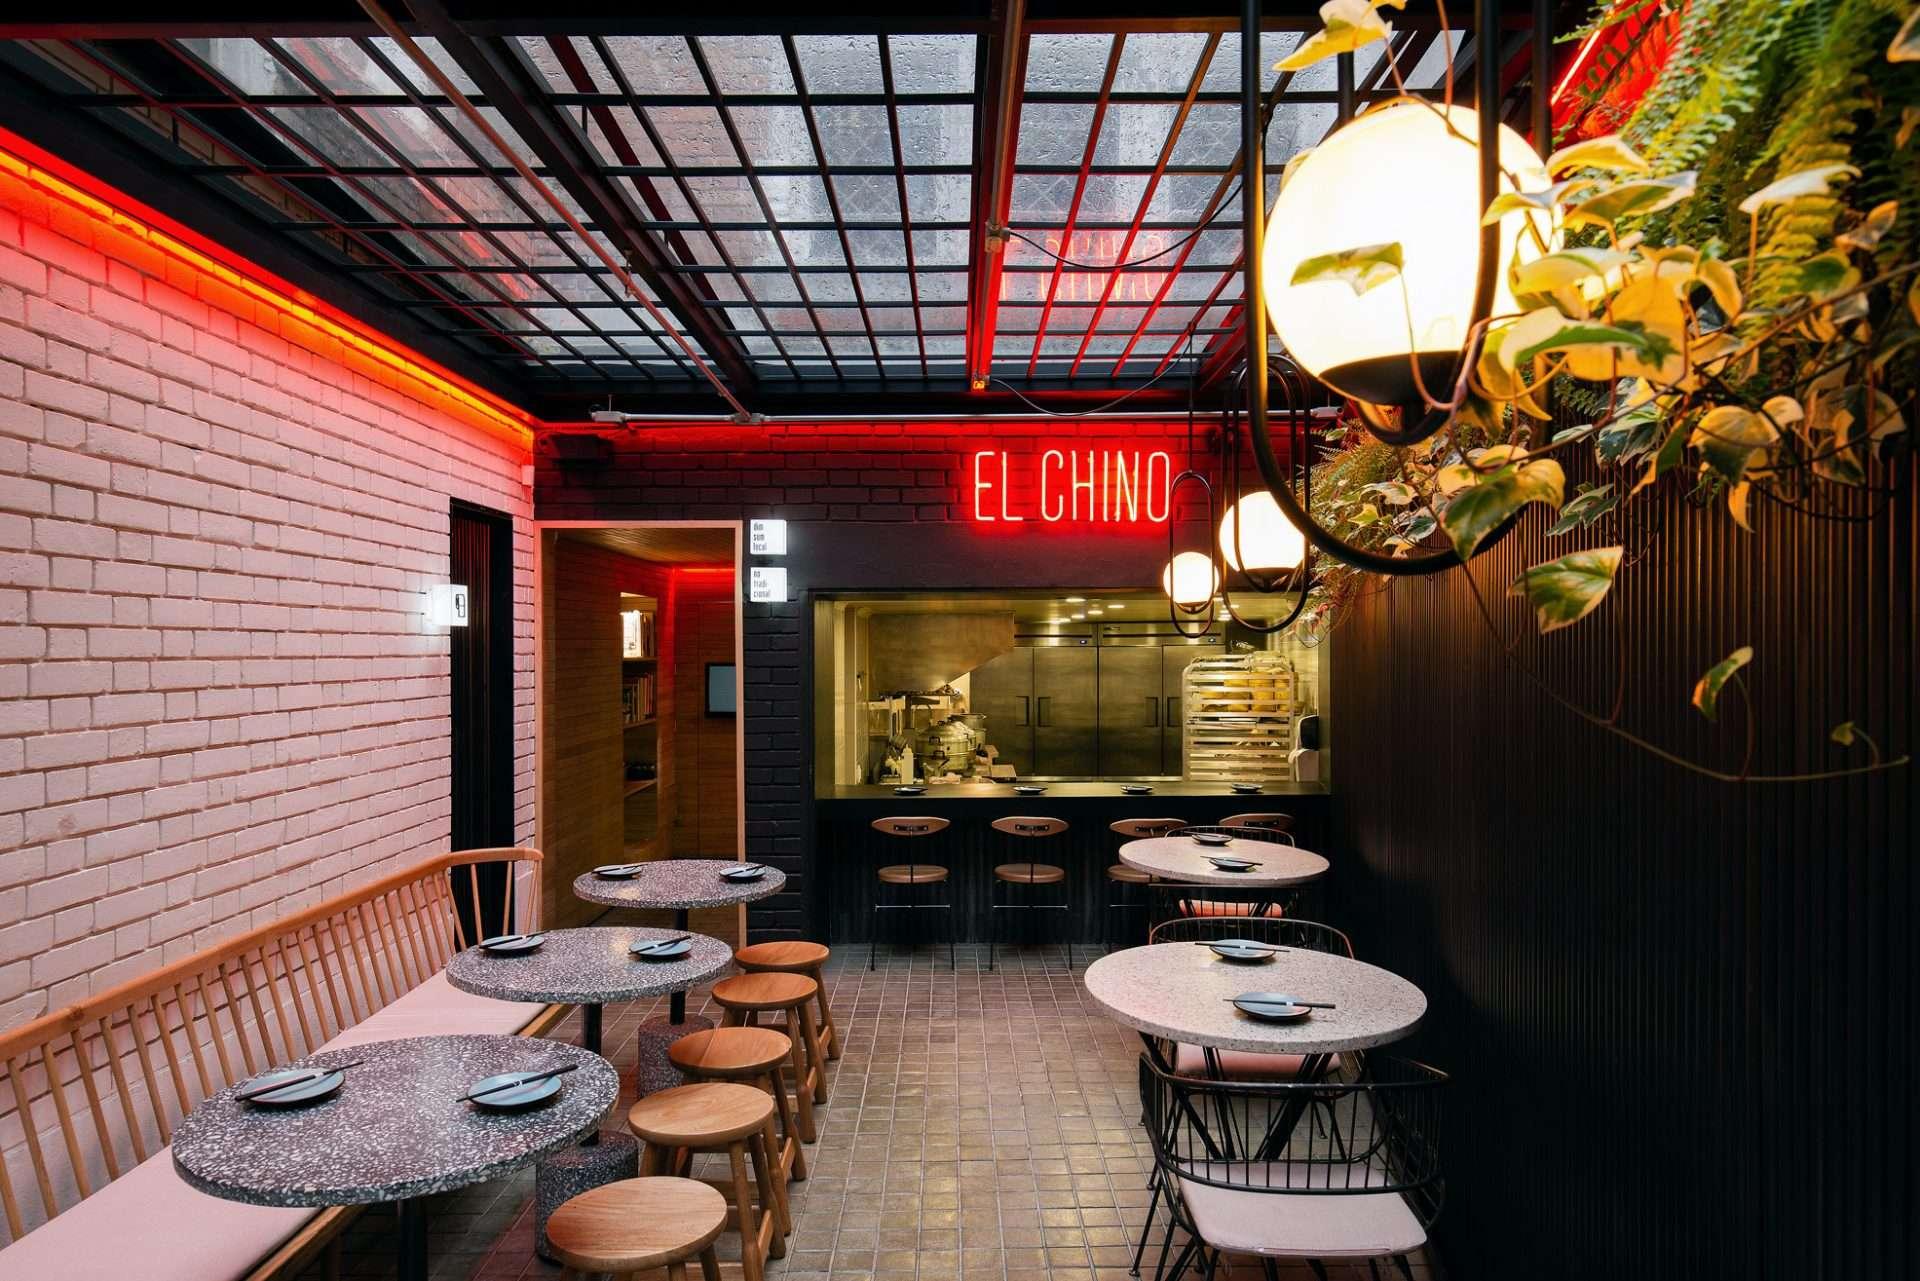 01.elchino.colette.duque.arquitectura.simon.bosch.bogota.dimsum.interior.restaurant